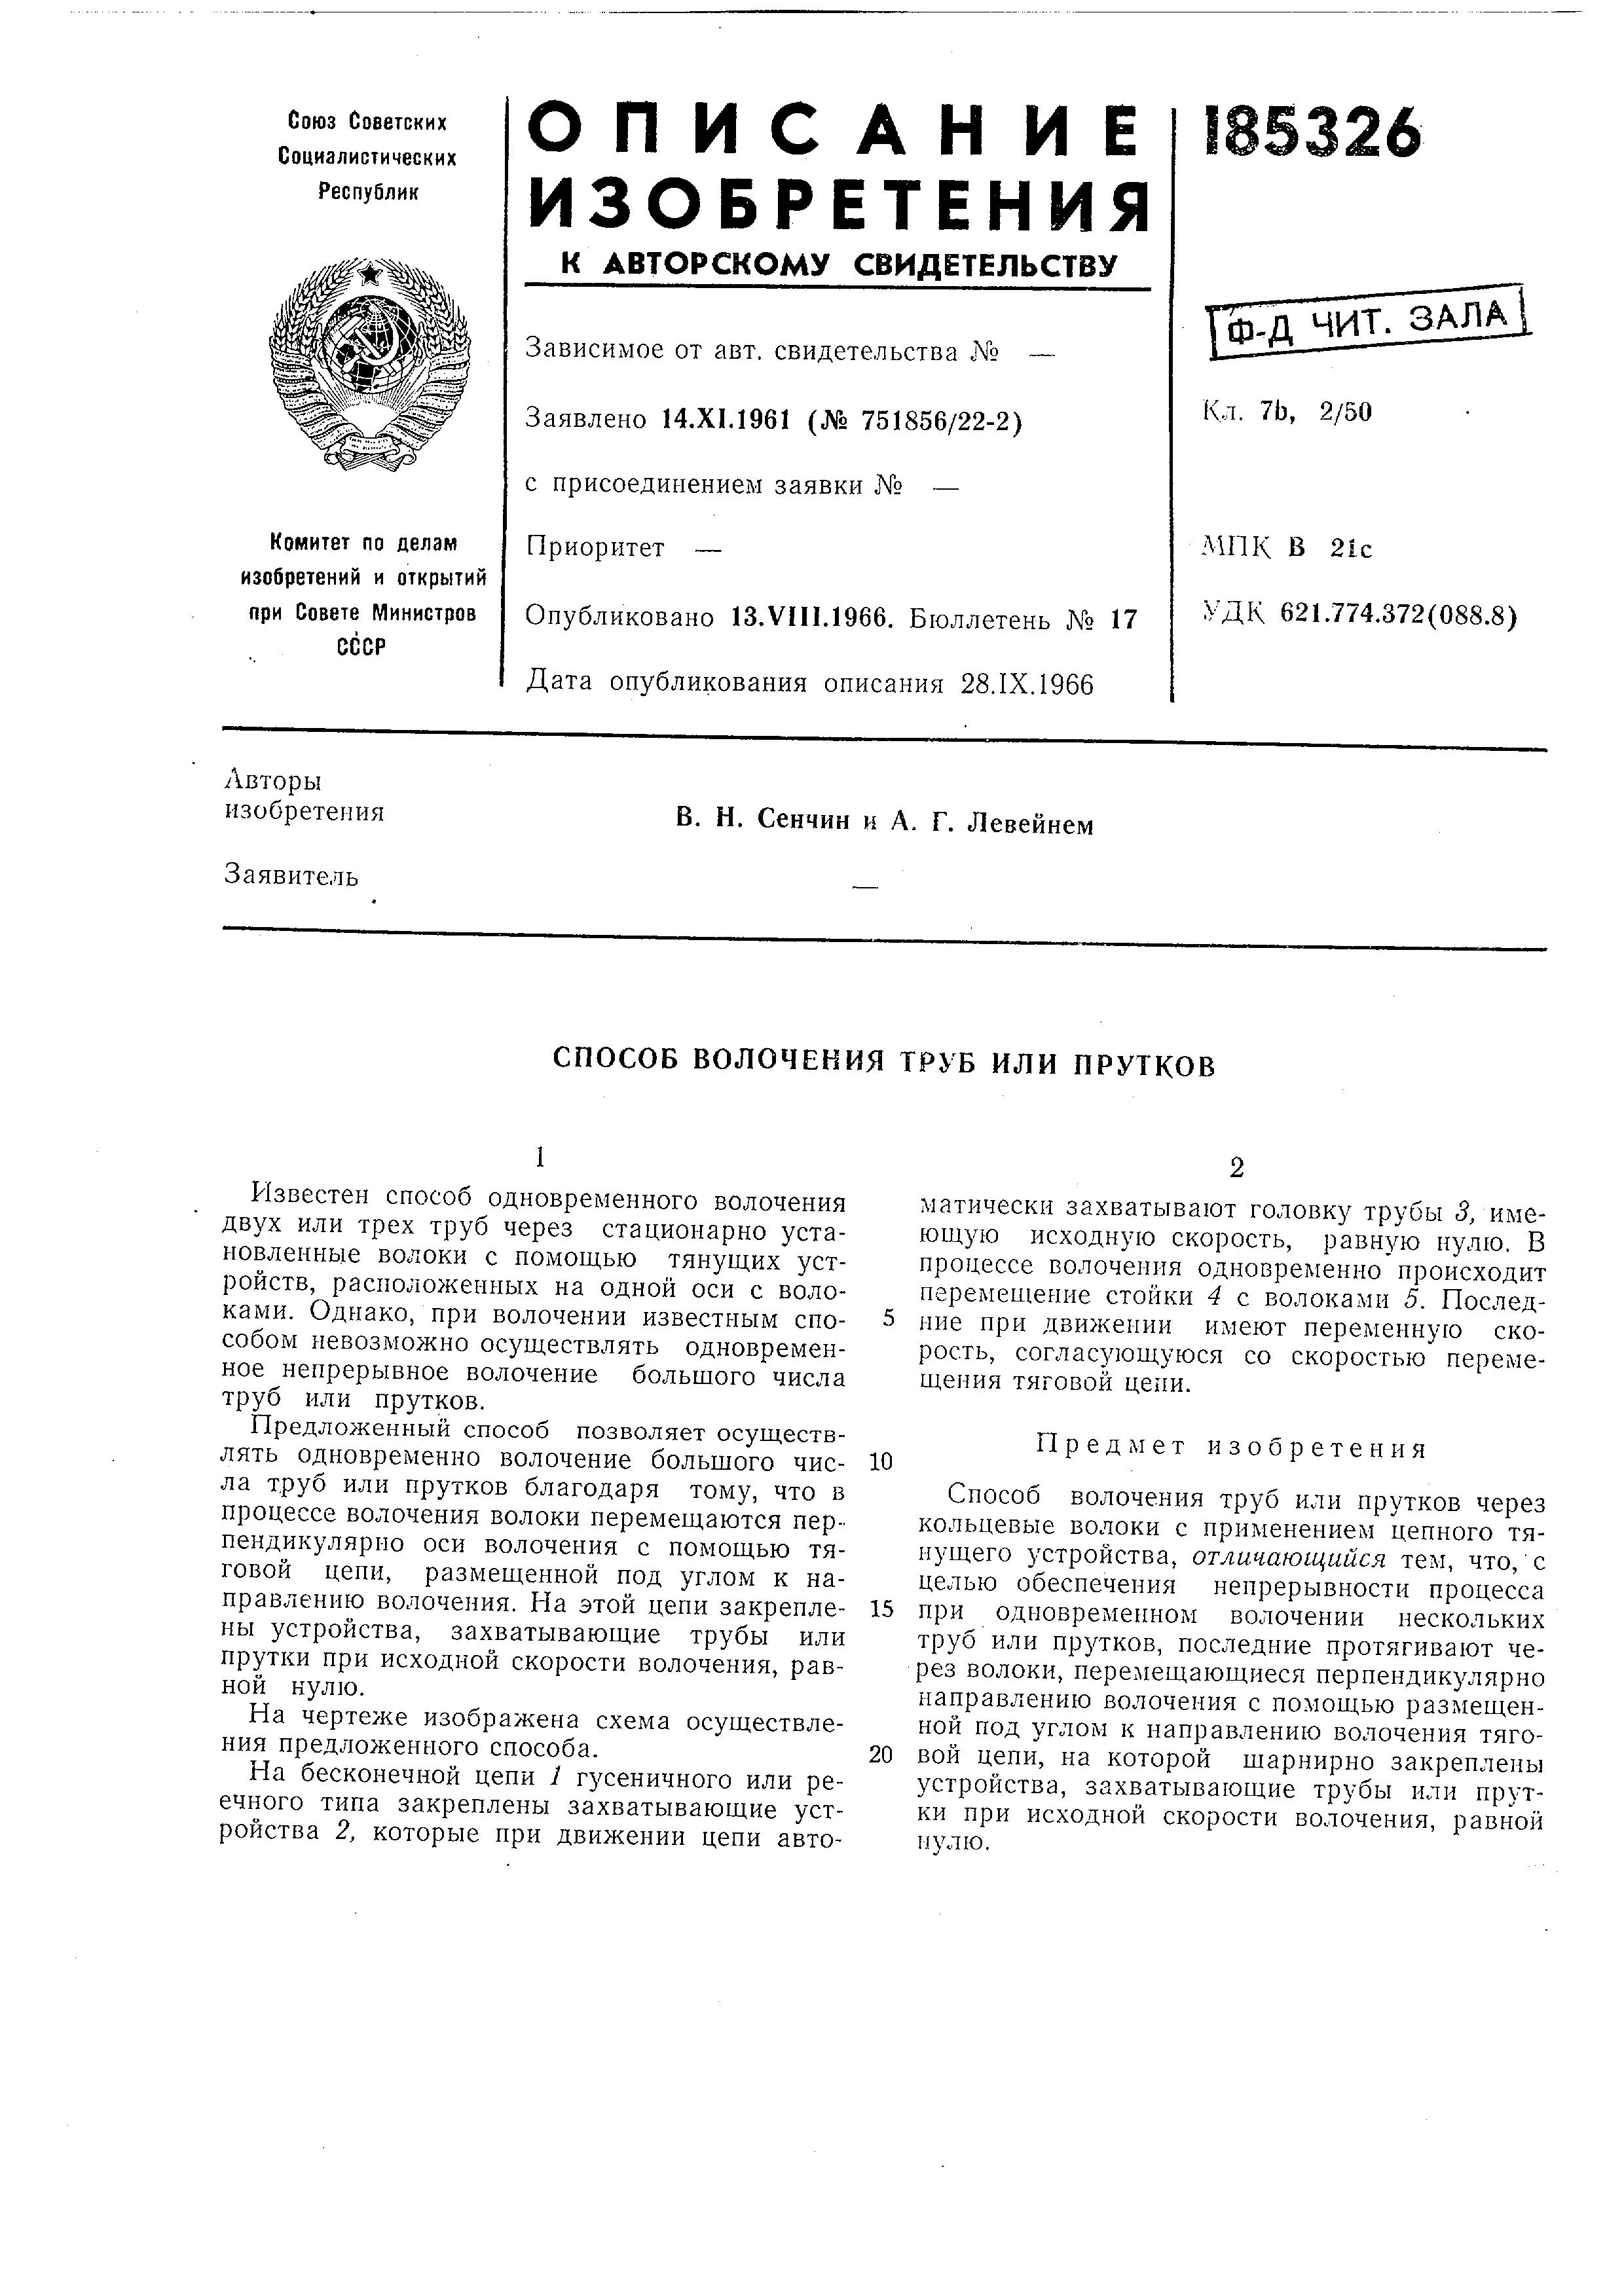 адреса и тель.организации в рязани имеющие право проверять газоходы котельной (ф-15)